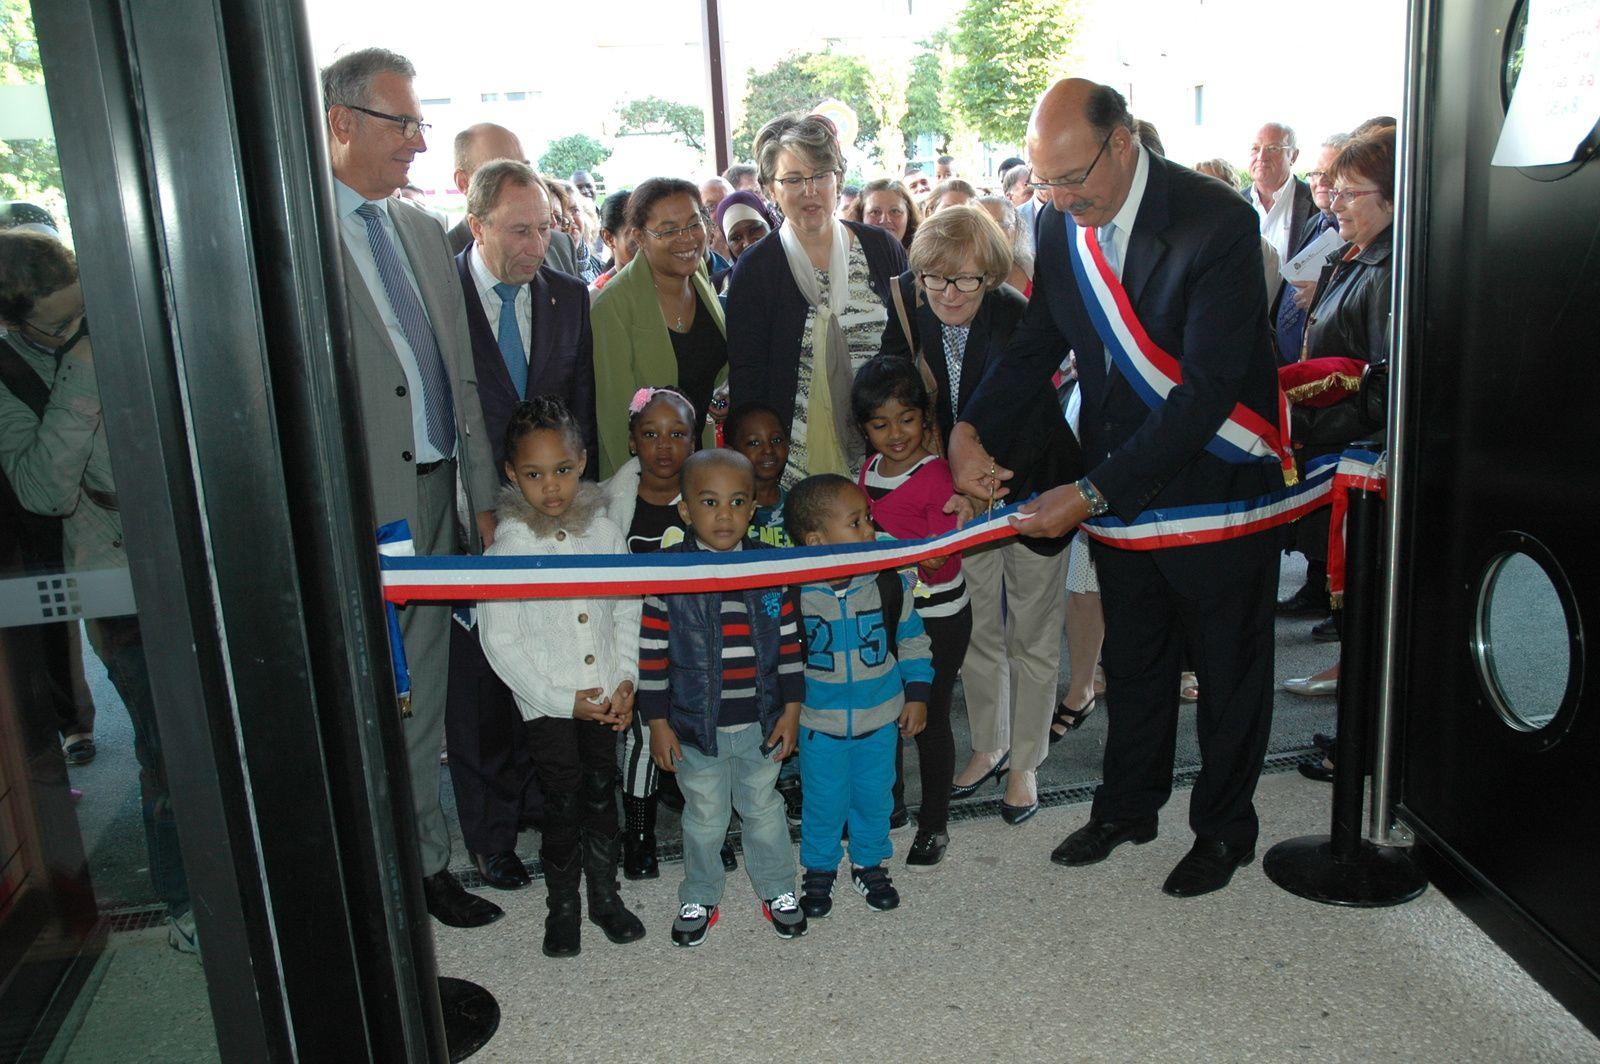 Inauguration des écoles Albert Camus et Téophile Gautier